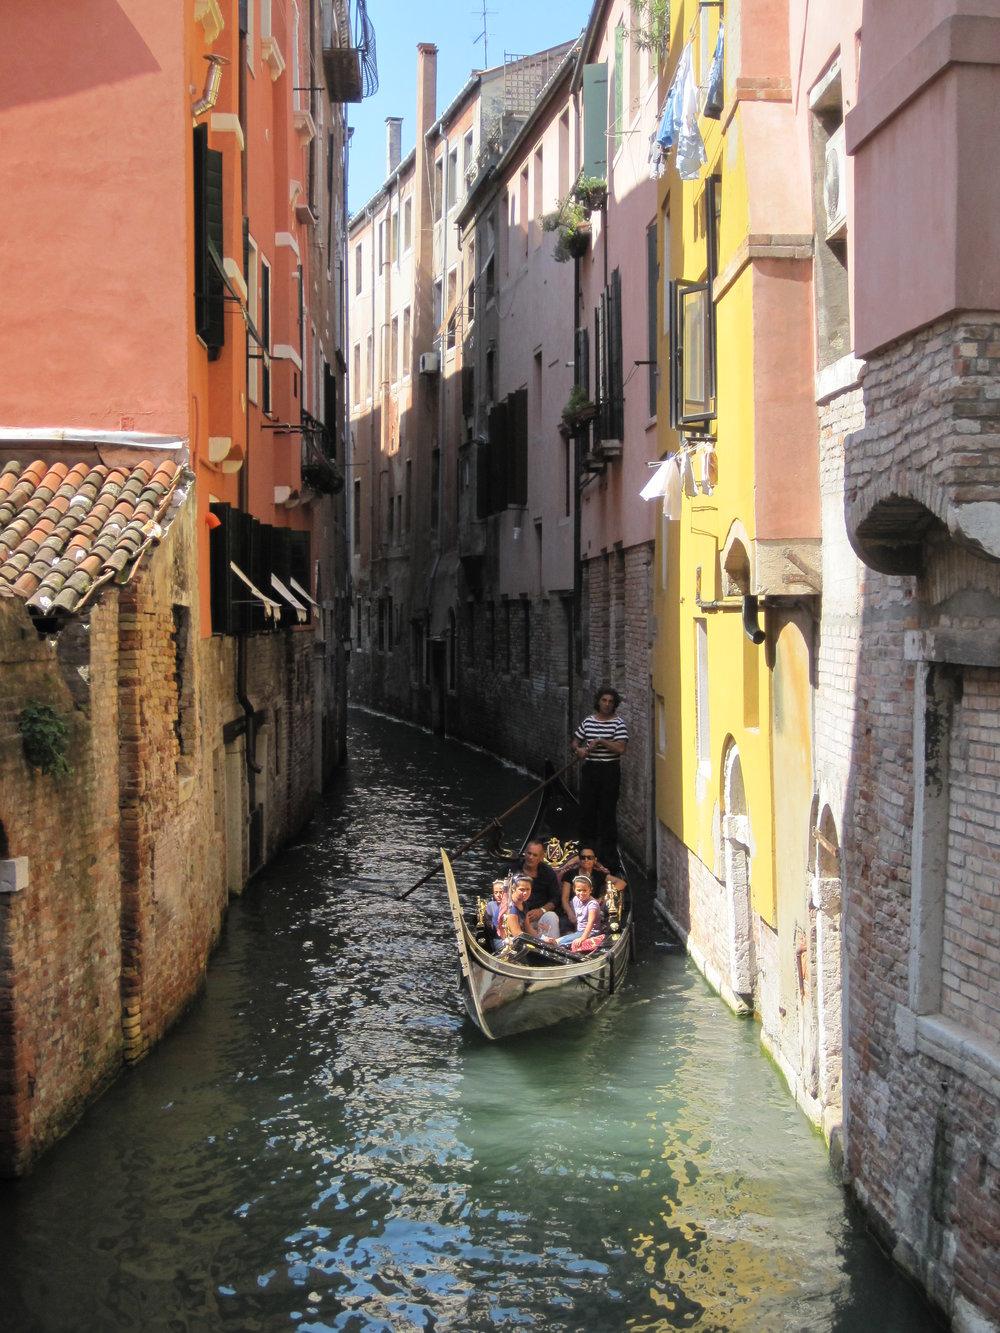 A gondola in Venice, Italy.